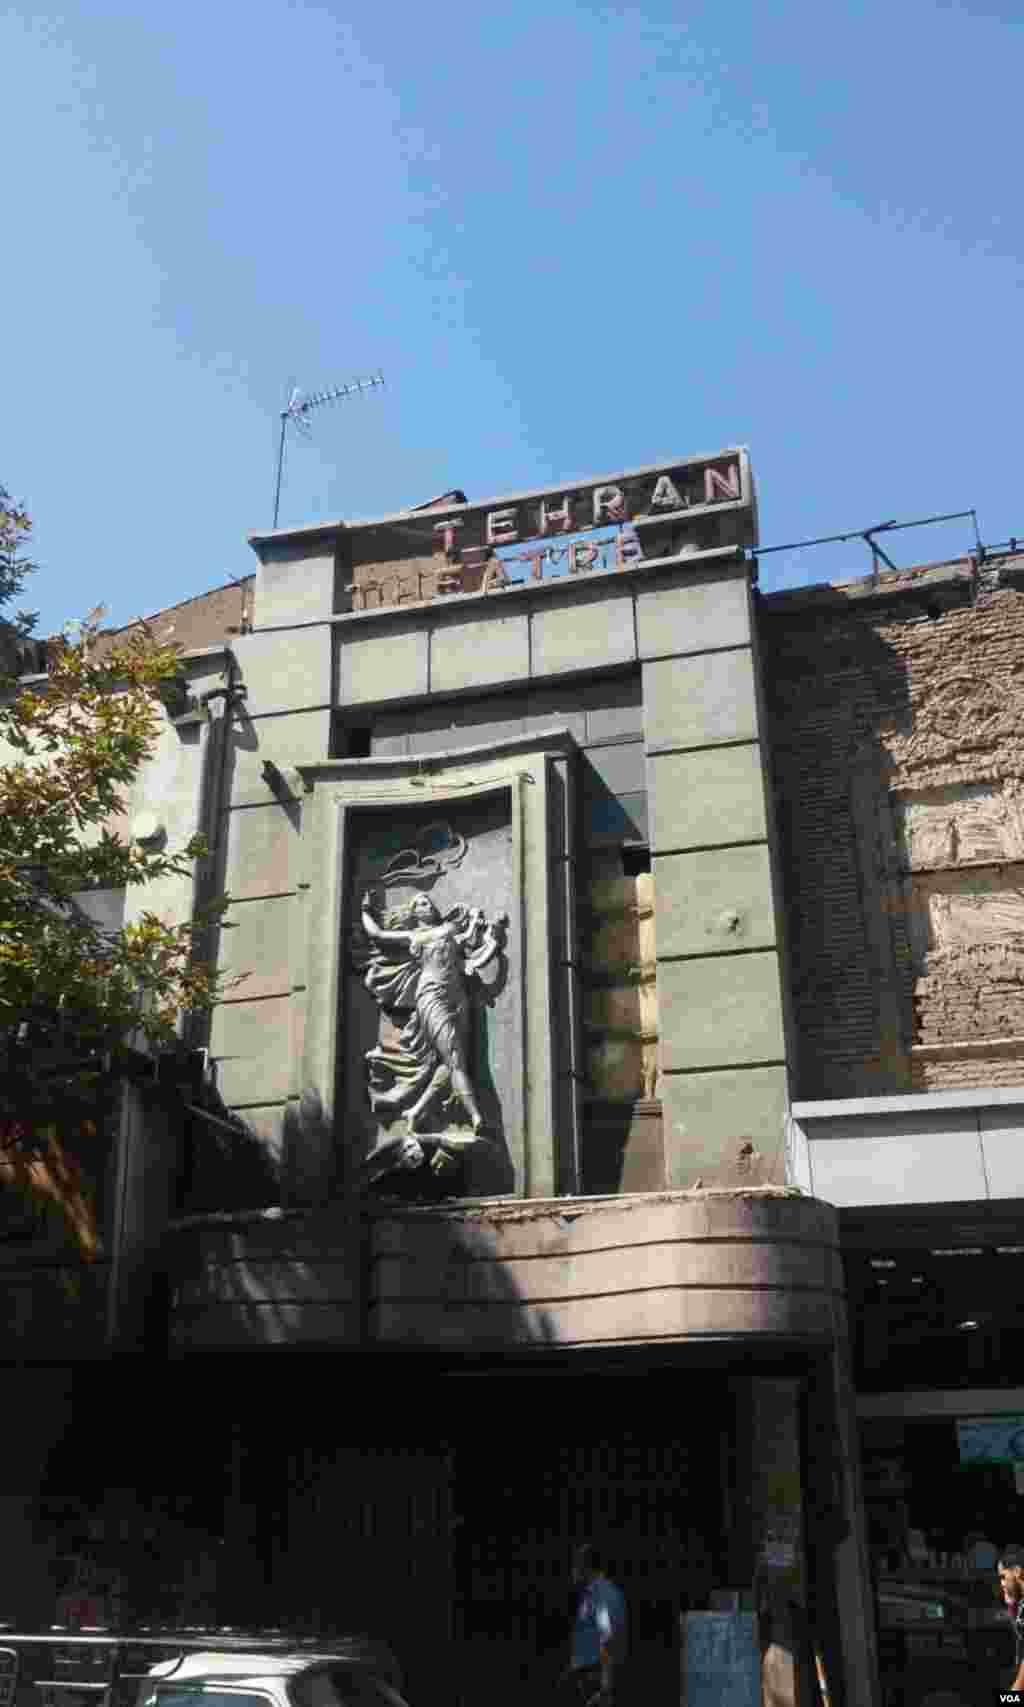 تئاتر تهران – خیابان لاله زار عکس: مهدی کیتا (ارسالی شما)